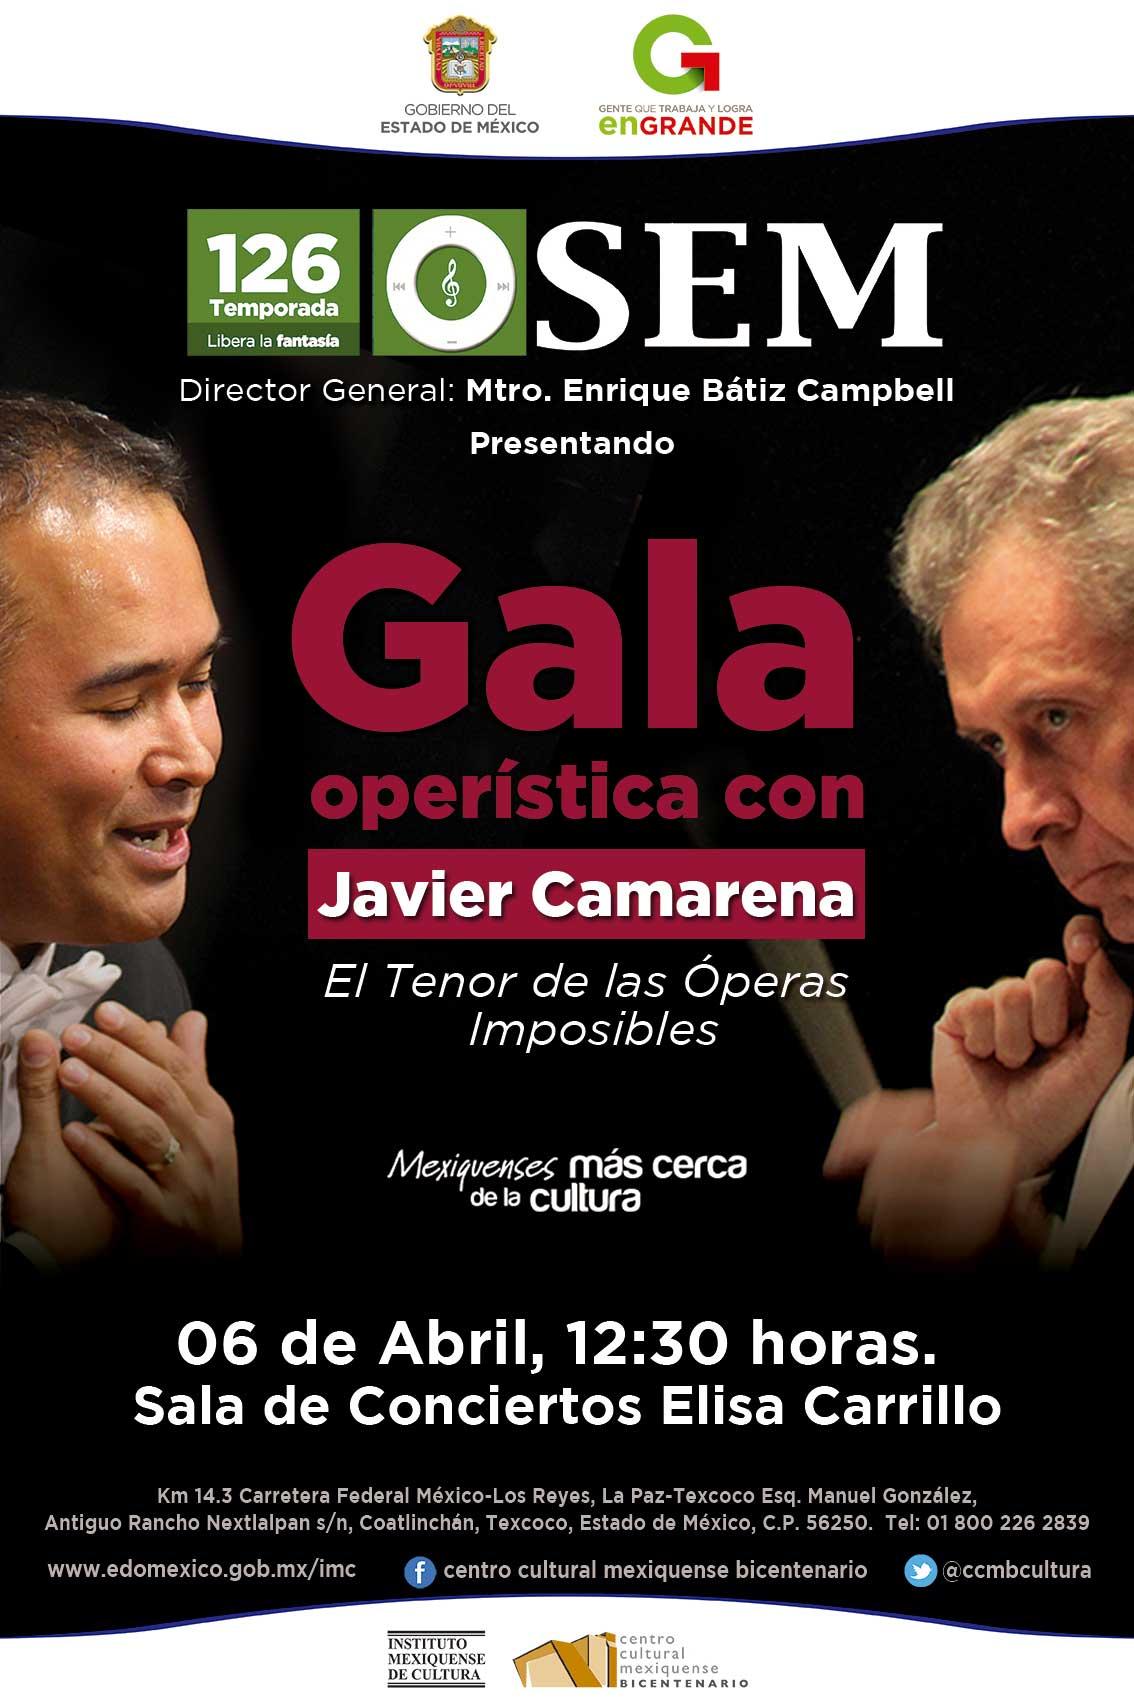 Gala Operística con Javier Camarena: El Tenor de las Óperas Imposibles